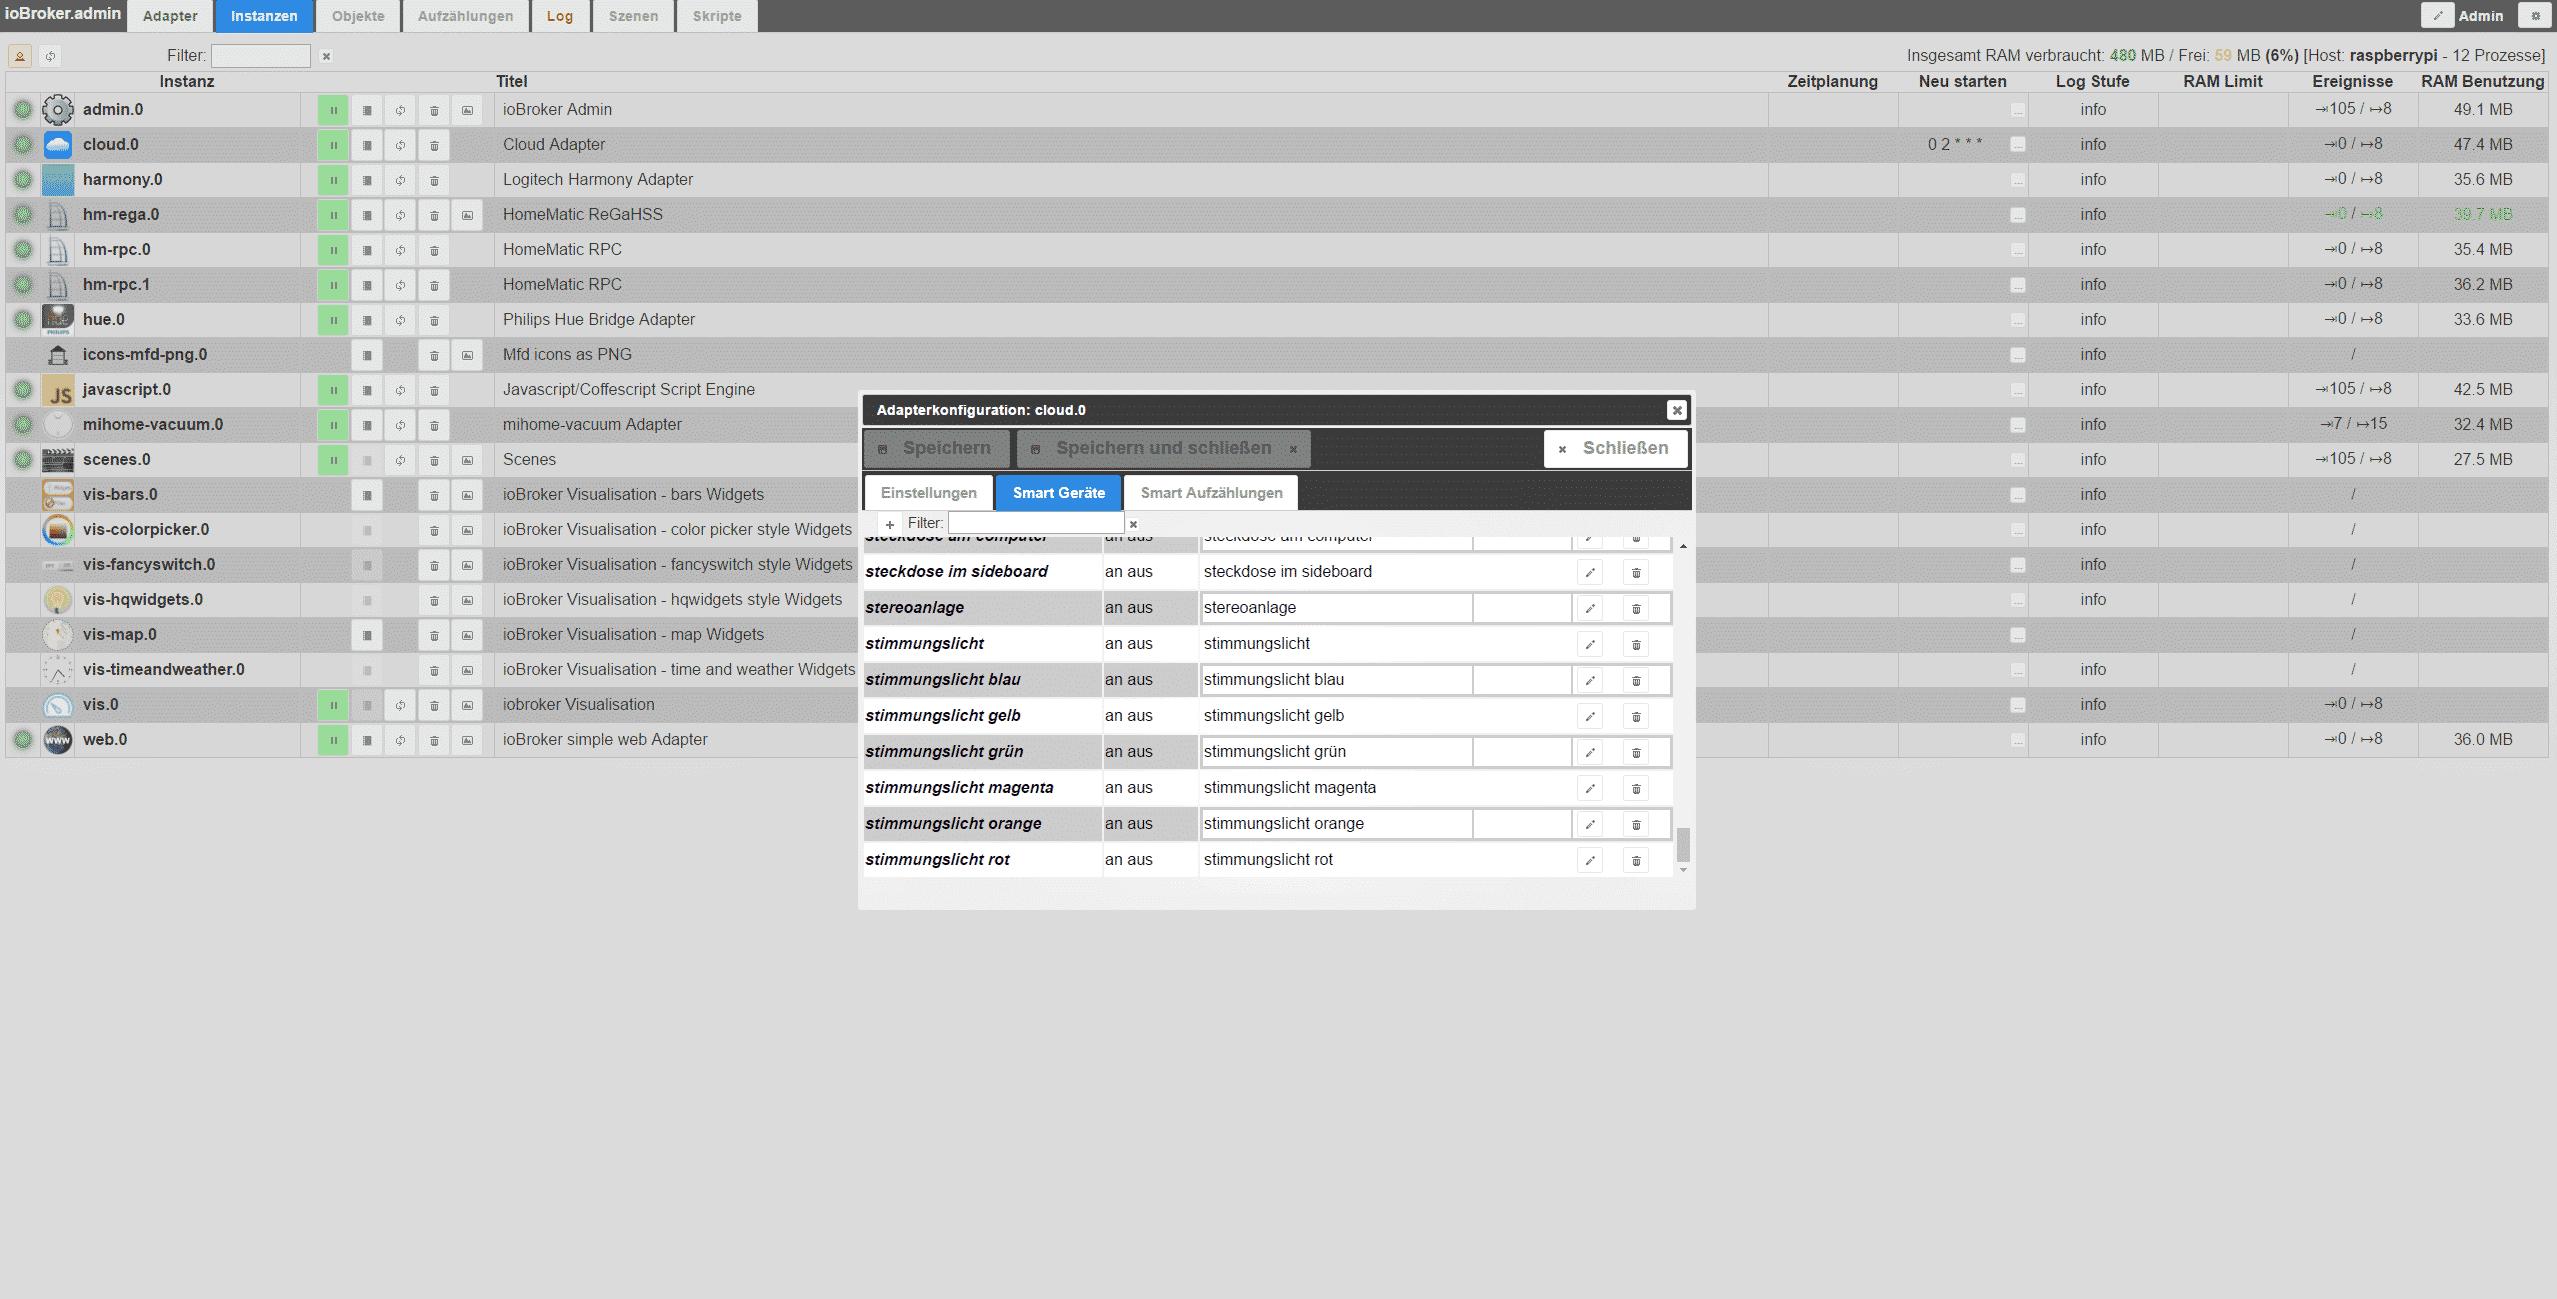 Szenen-in-ioBroker-erstellen-und-mit-Amazon-Alexa-steuern-16